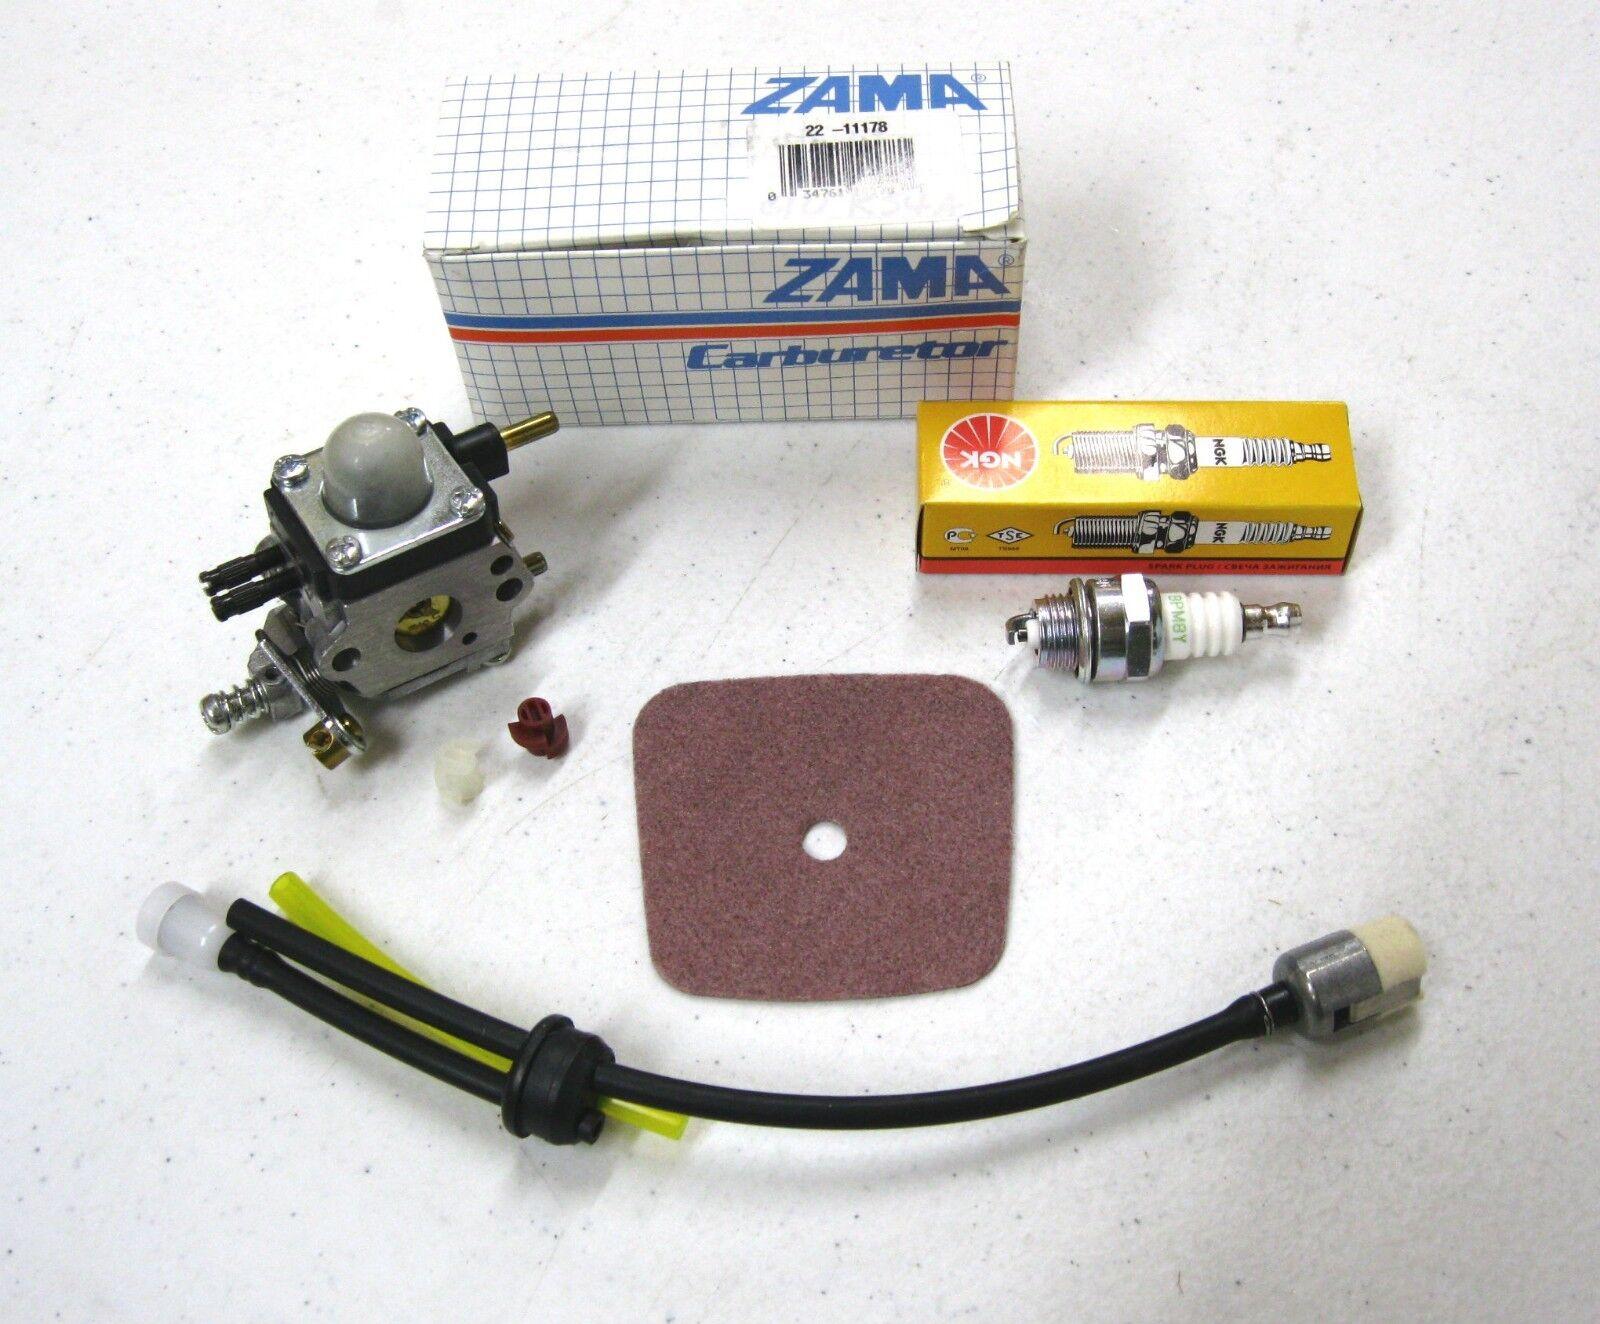 Nuevo Kit de servicio de fabricante de equipos originales con Zama Cocheburador para TC2100 timón cultivador